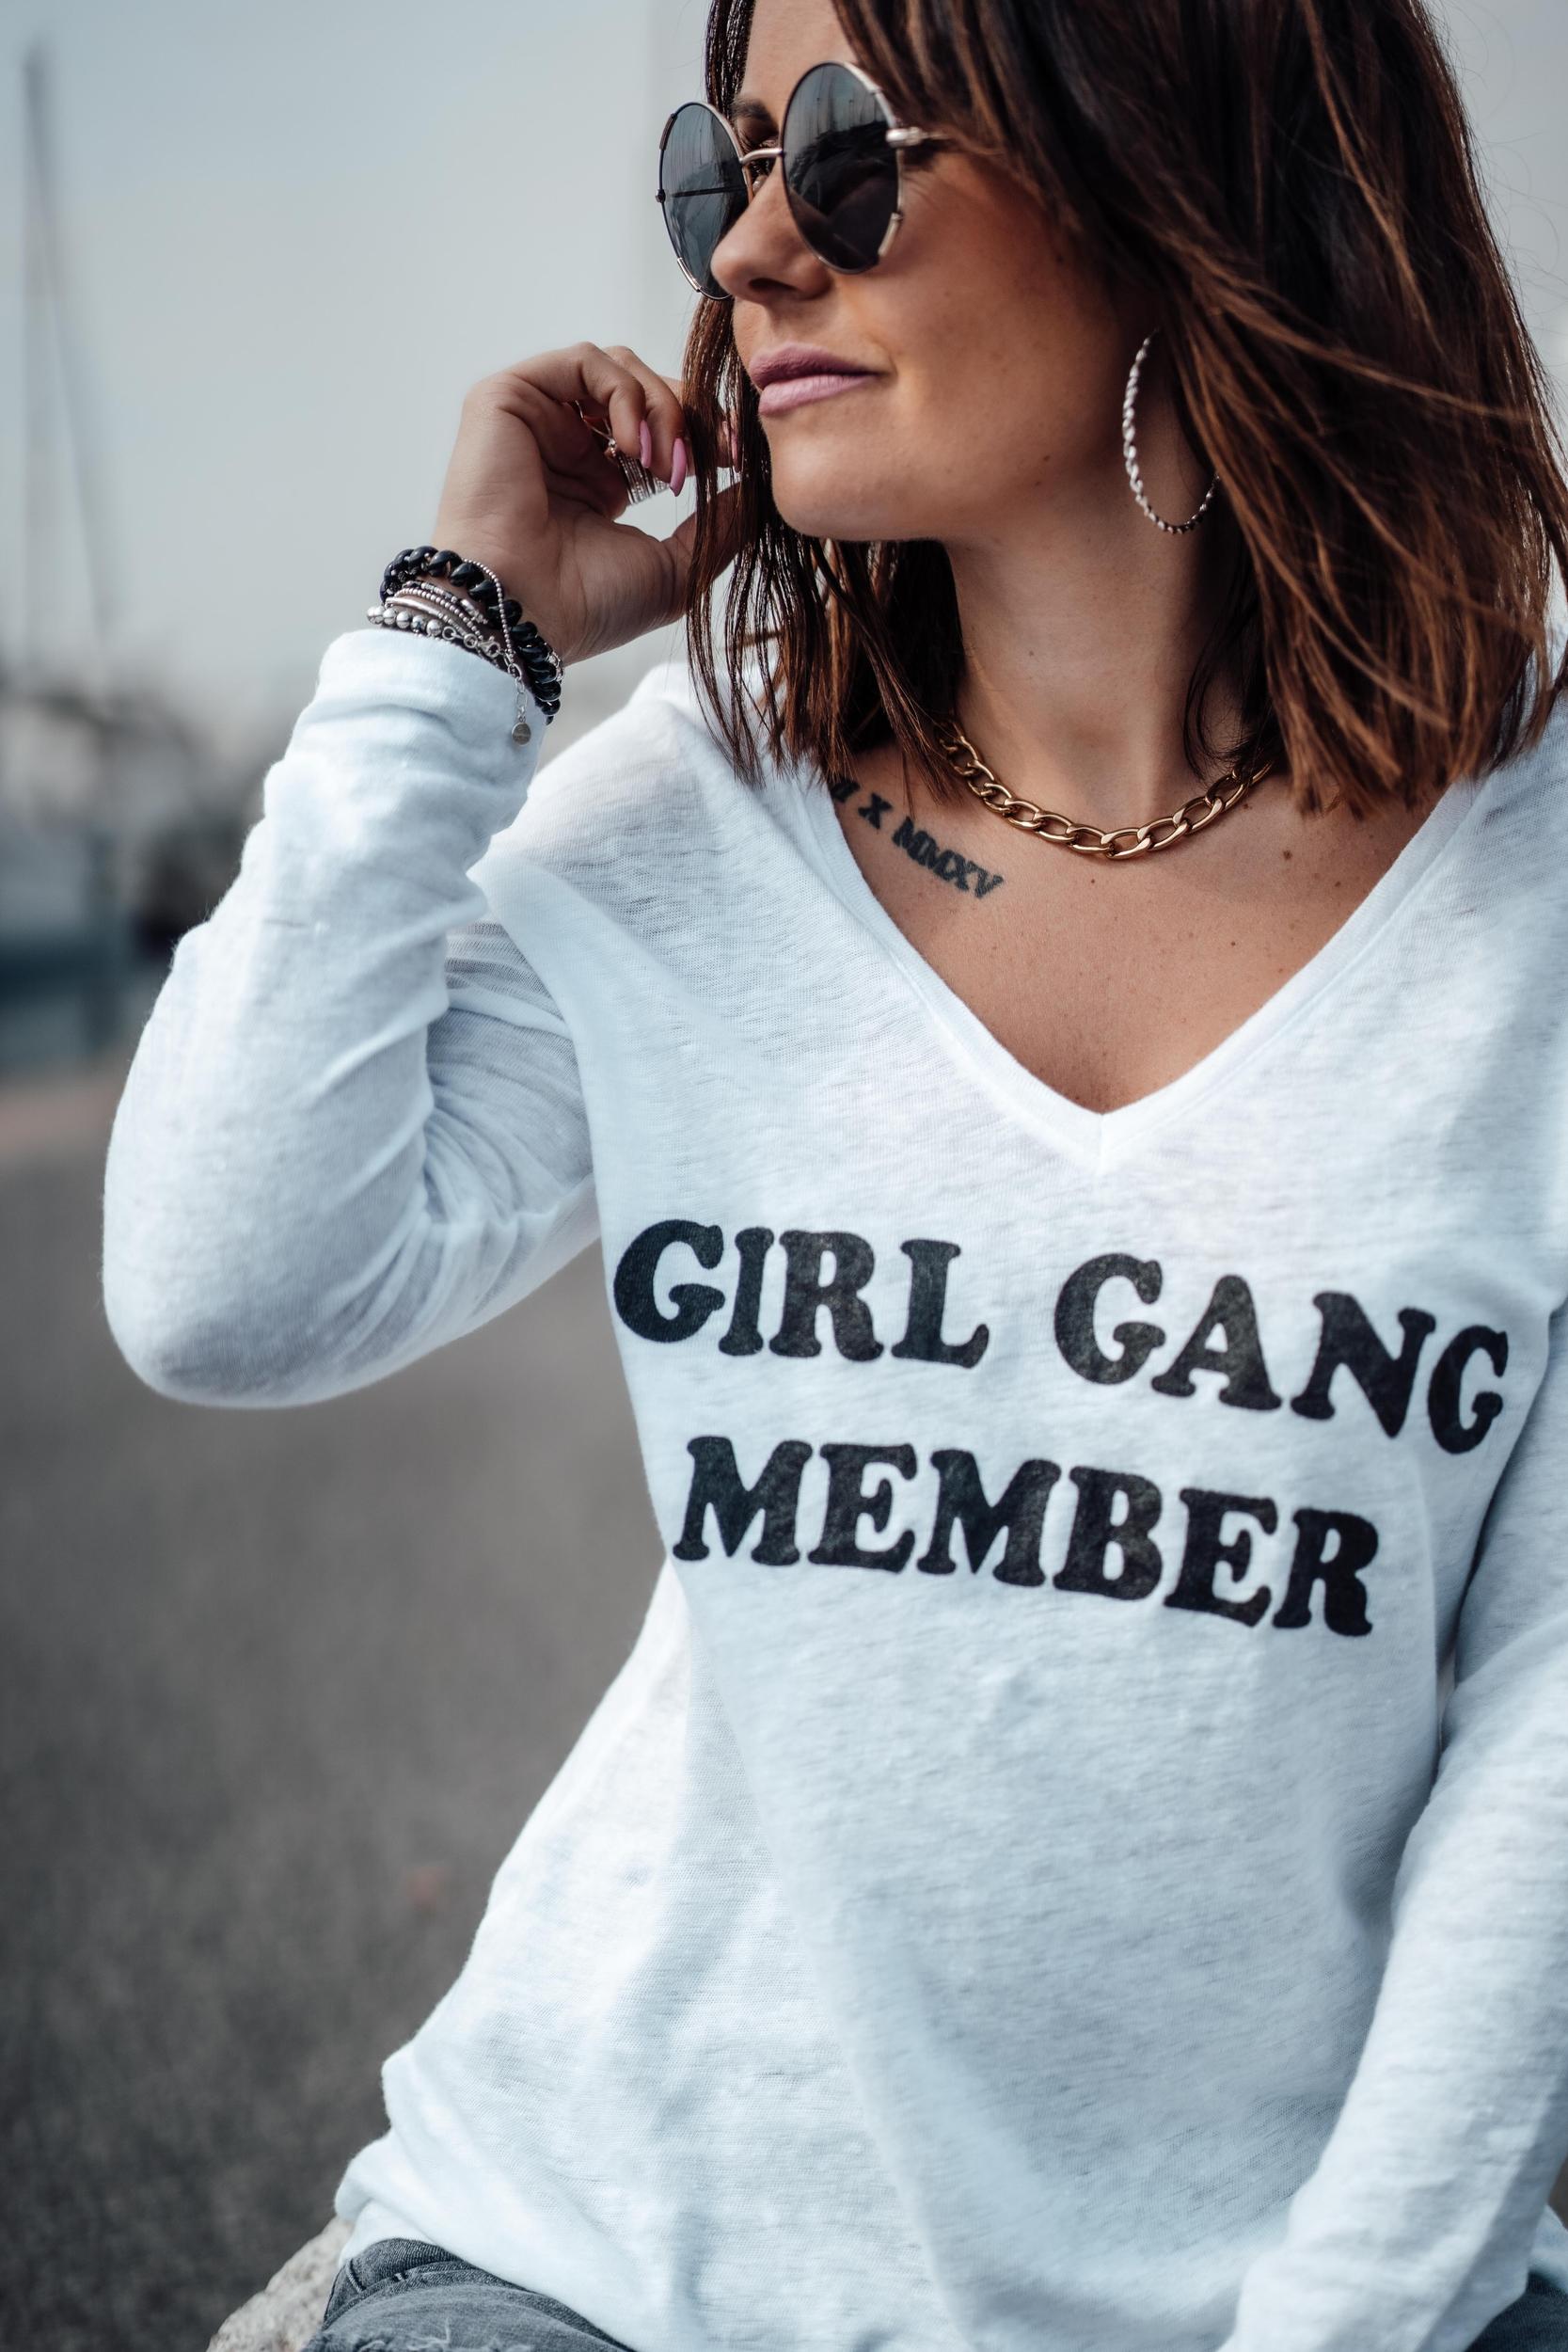 tee_member_blanc_noir-2